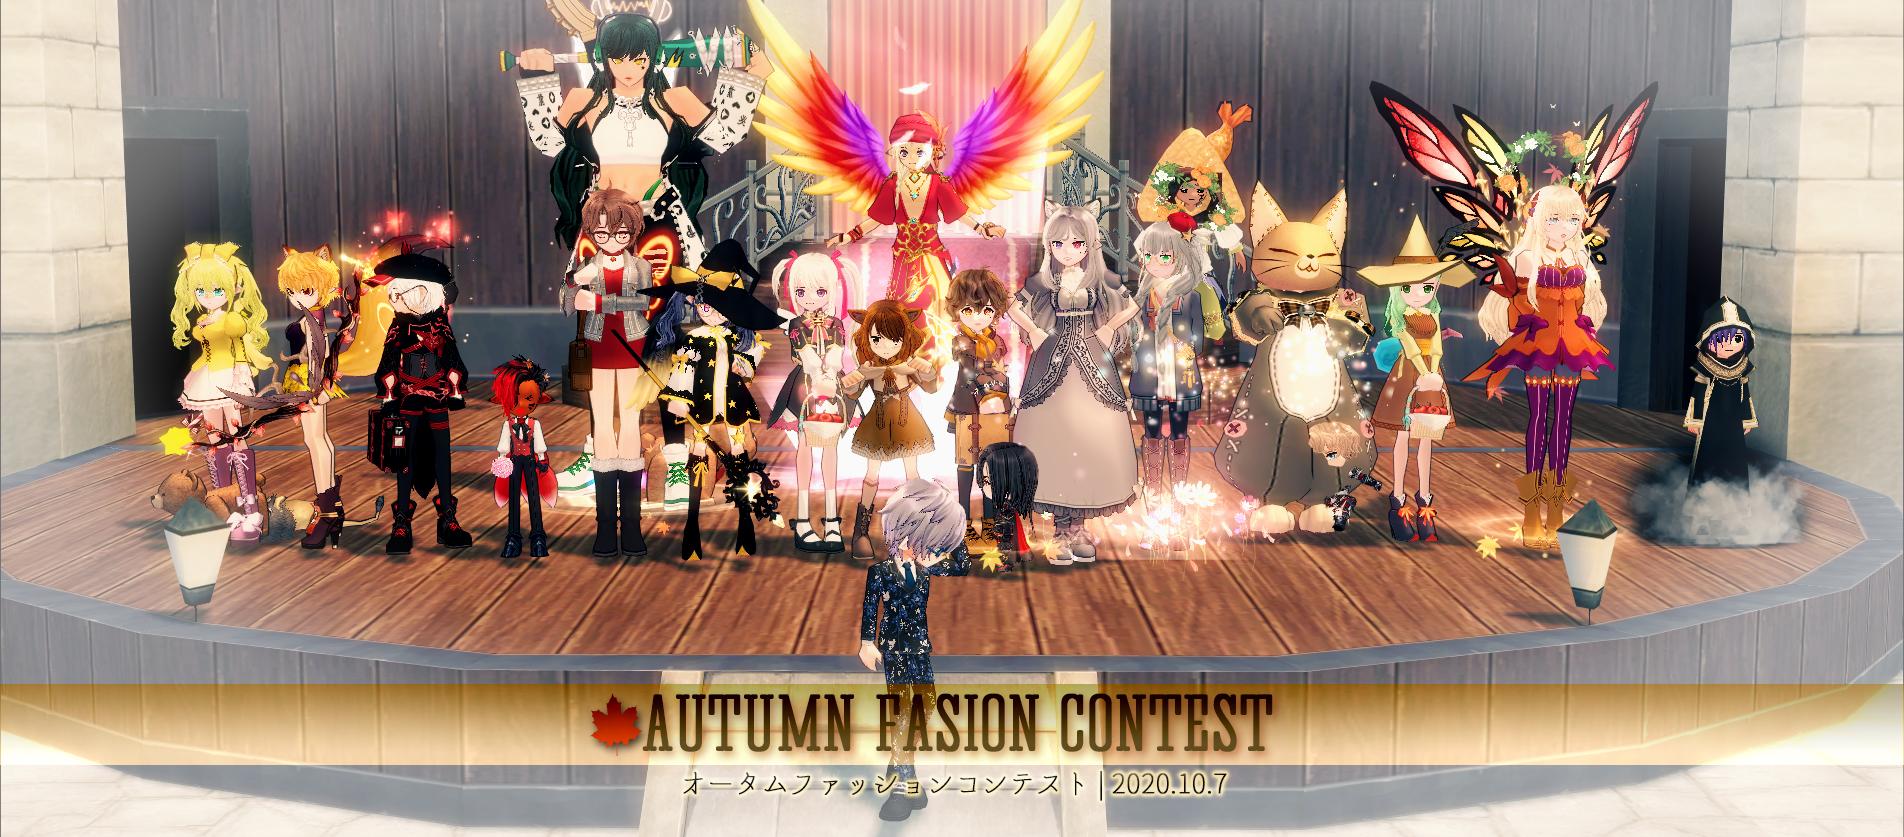 ファッションシュー202010・ルエリ案内